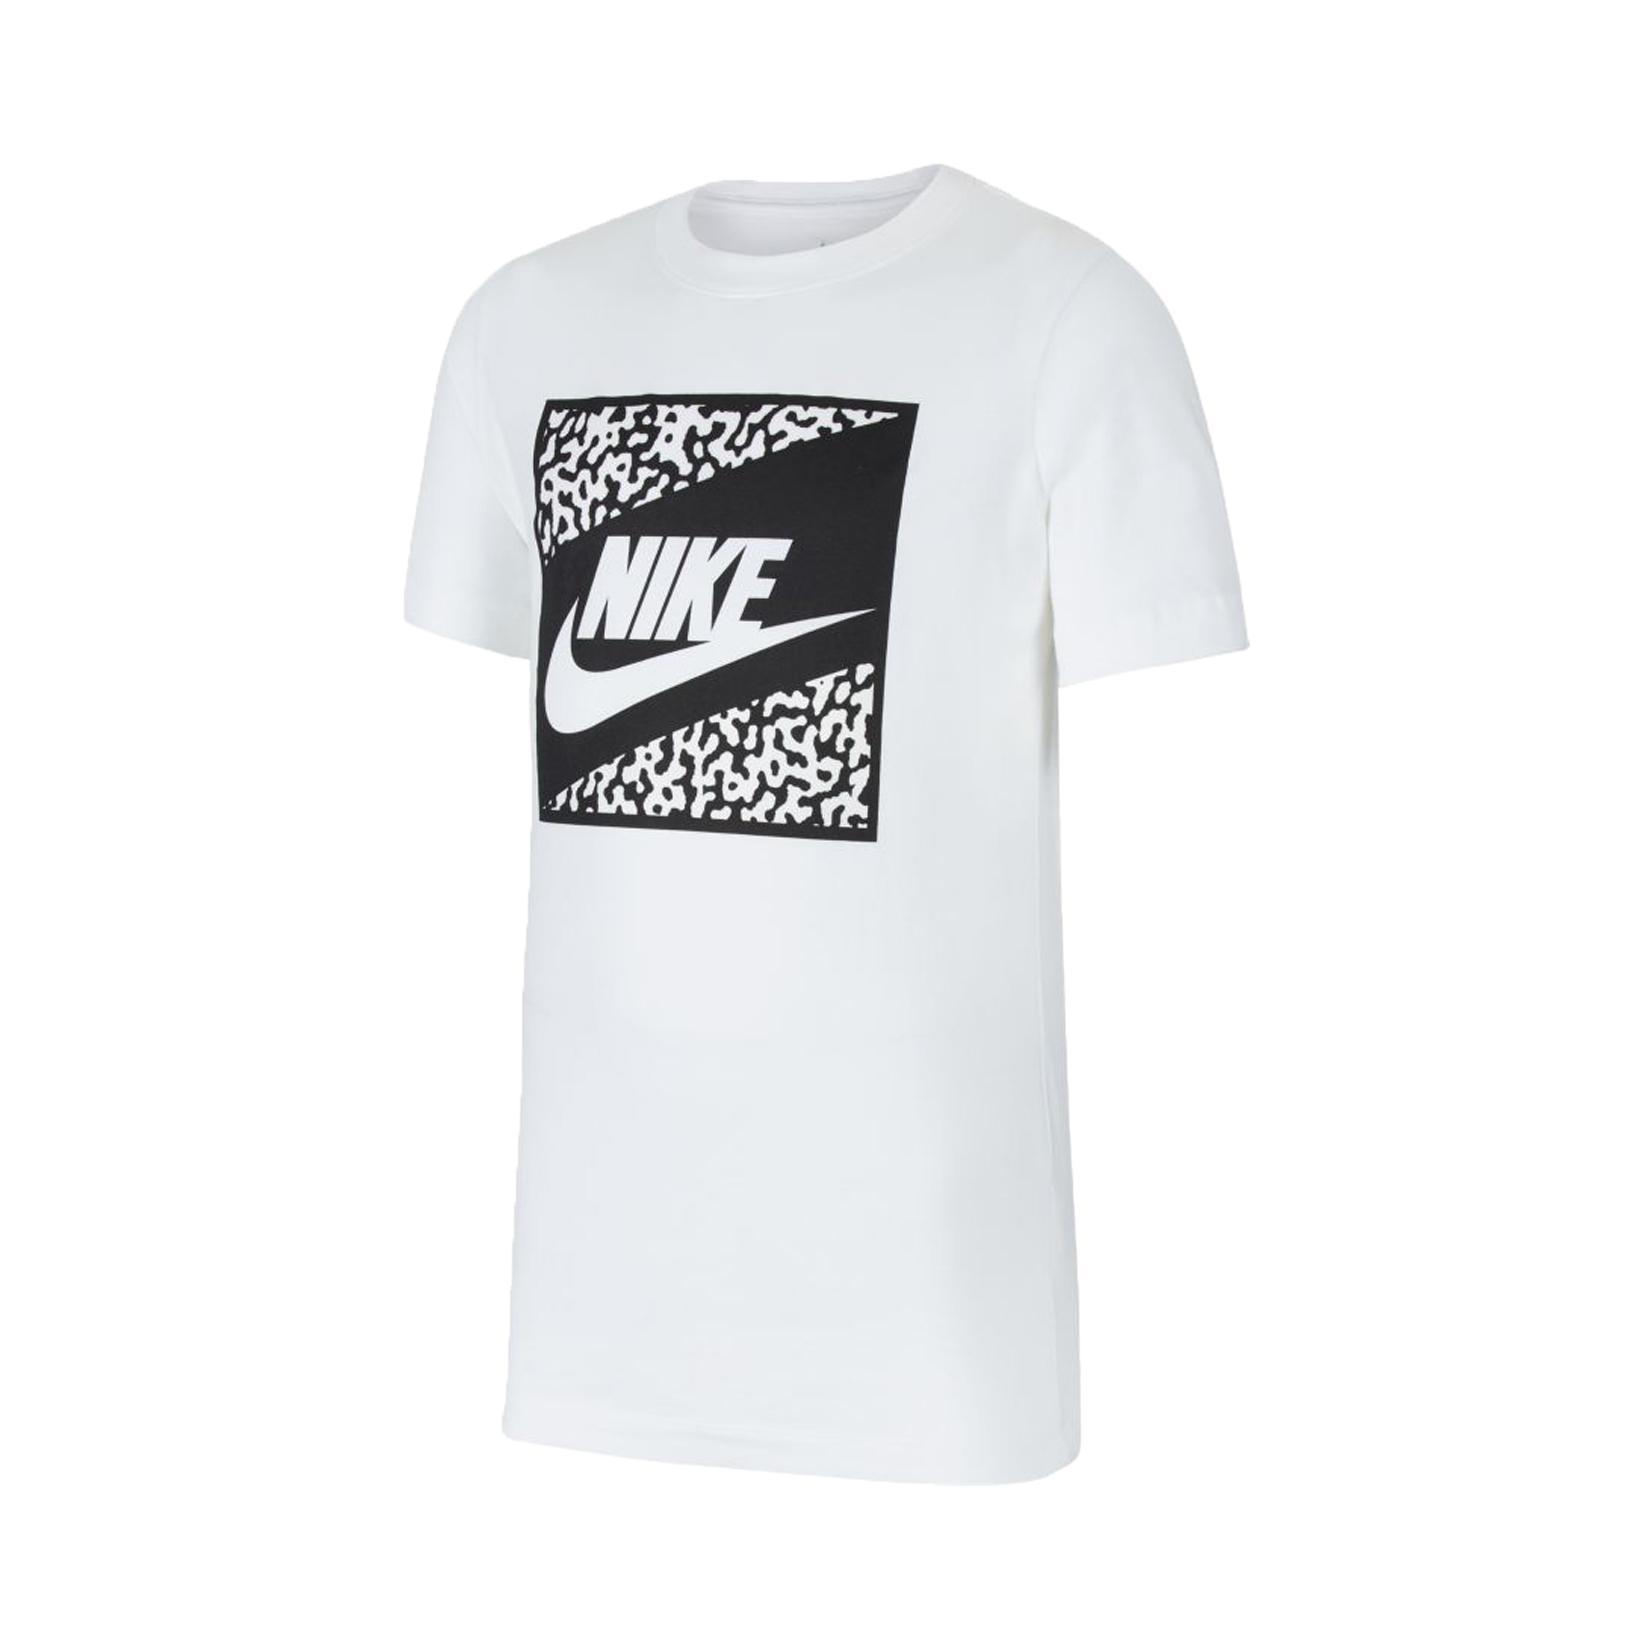 Nike Sportswear Older Kids' Tee White